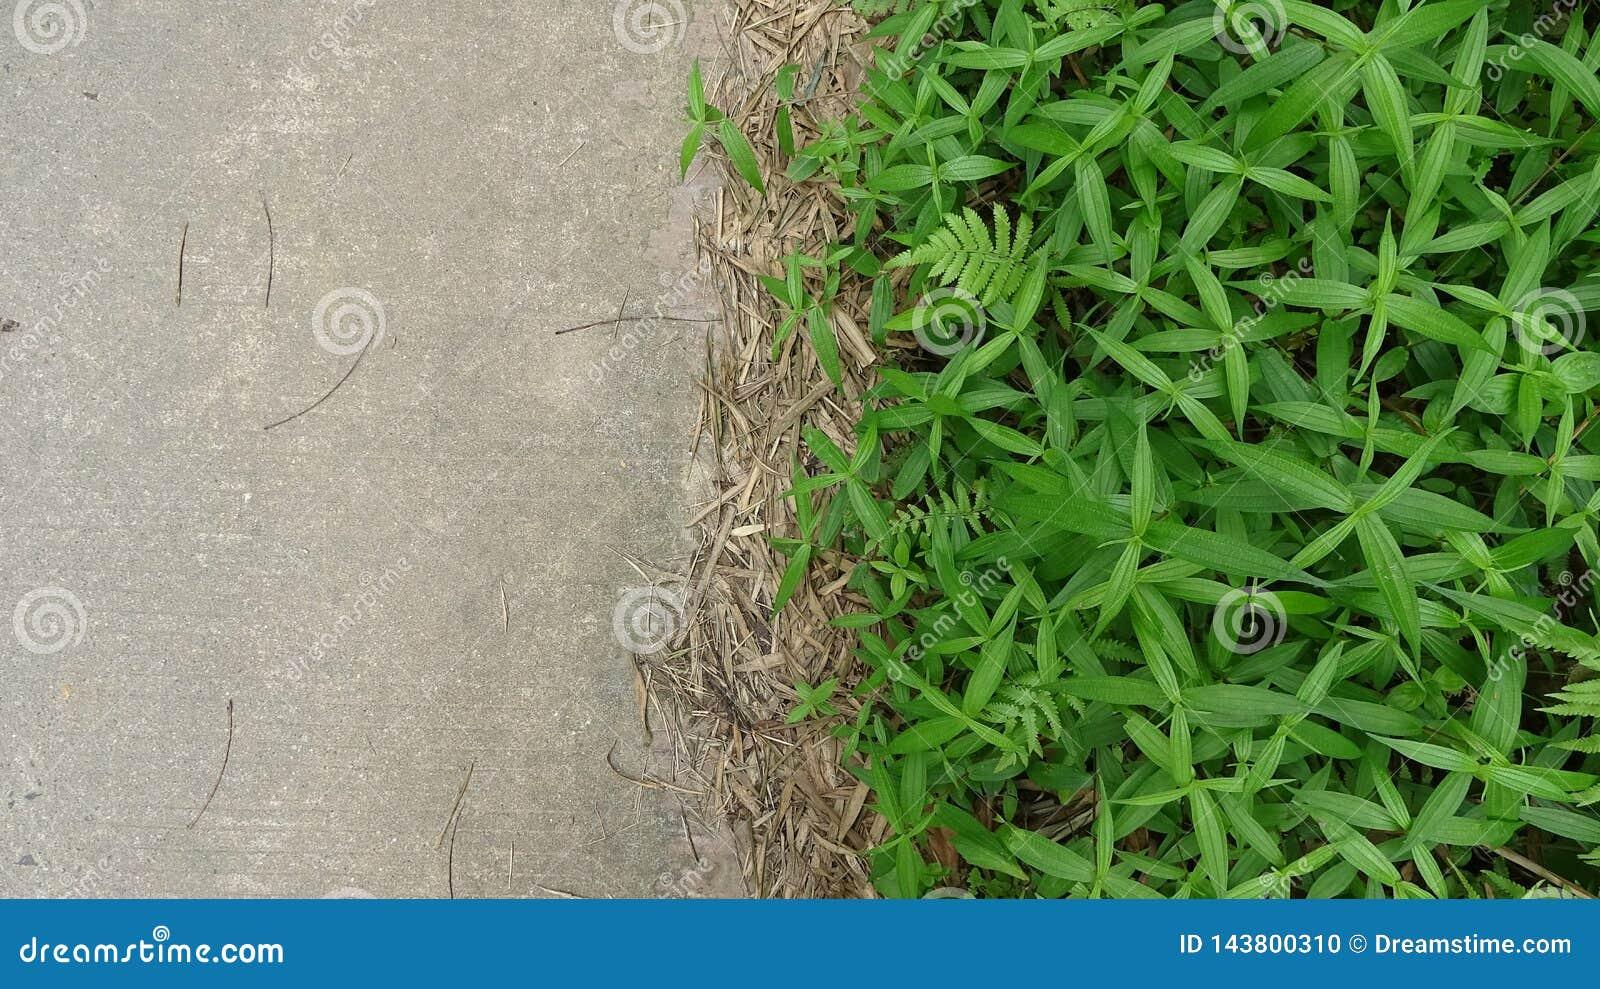 路旁杂草和水泥路形成一个鲜明对比